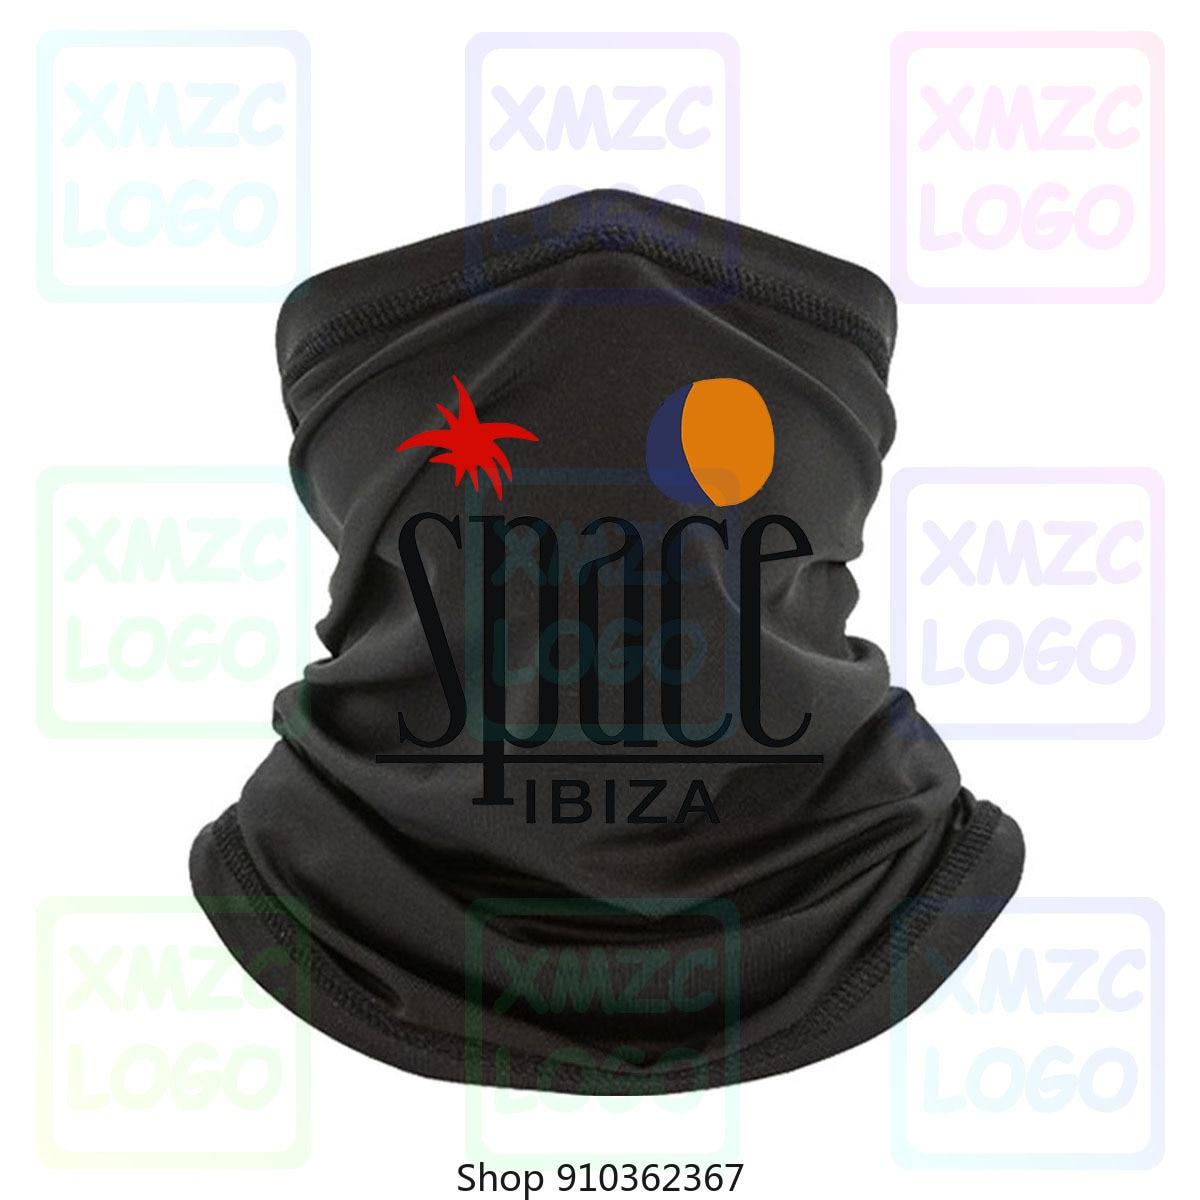 Space Ibiza, casa de club, Pacha, Isla Blanca, Vintage, Unisex, T B544, Bandana, diadema, pañuelo, pañuelo, calentador de cuello para mujeres y hombres